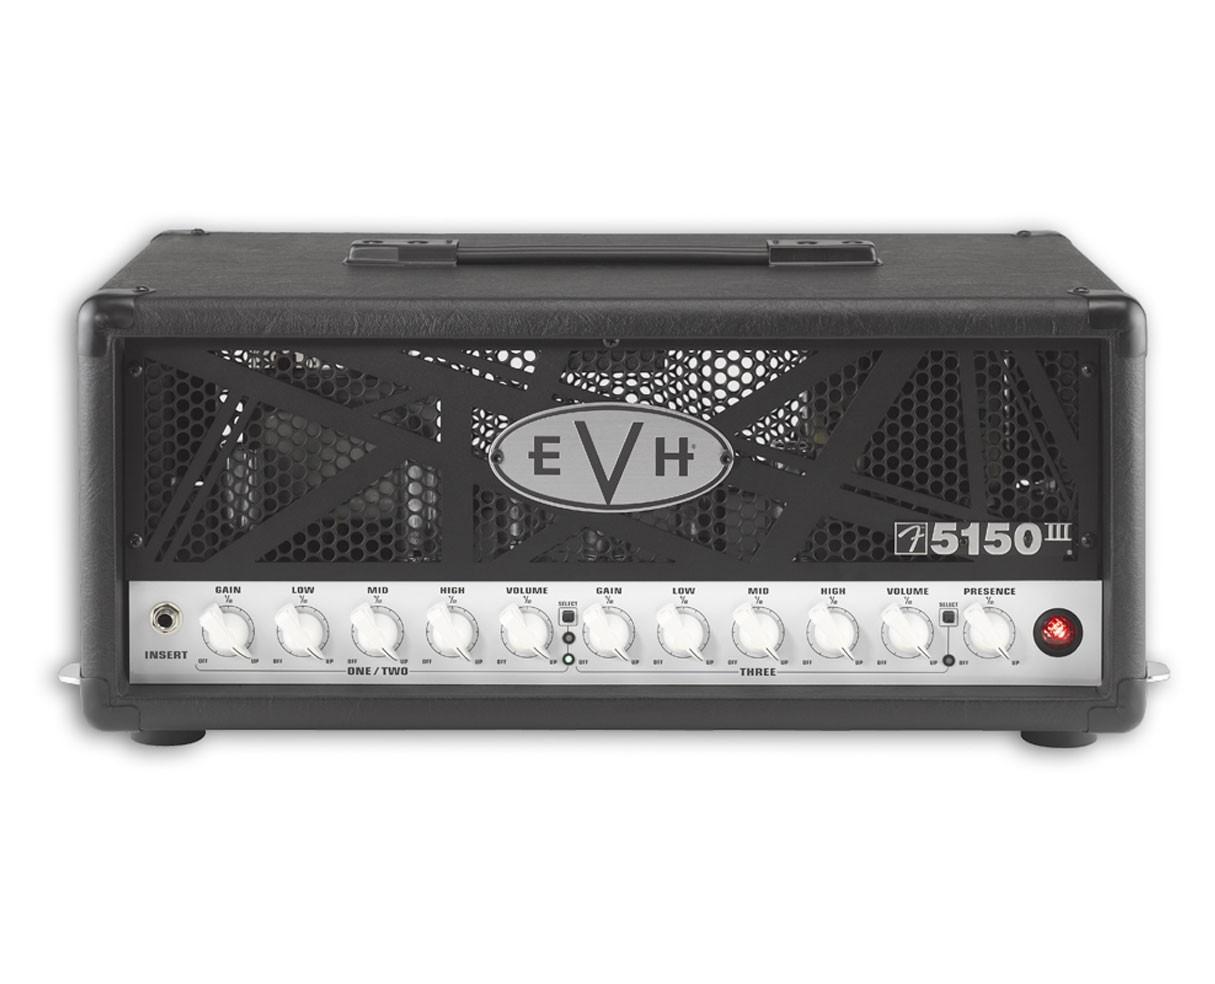 EVH 5150 III 50W Black 120V